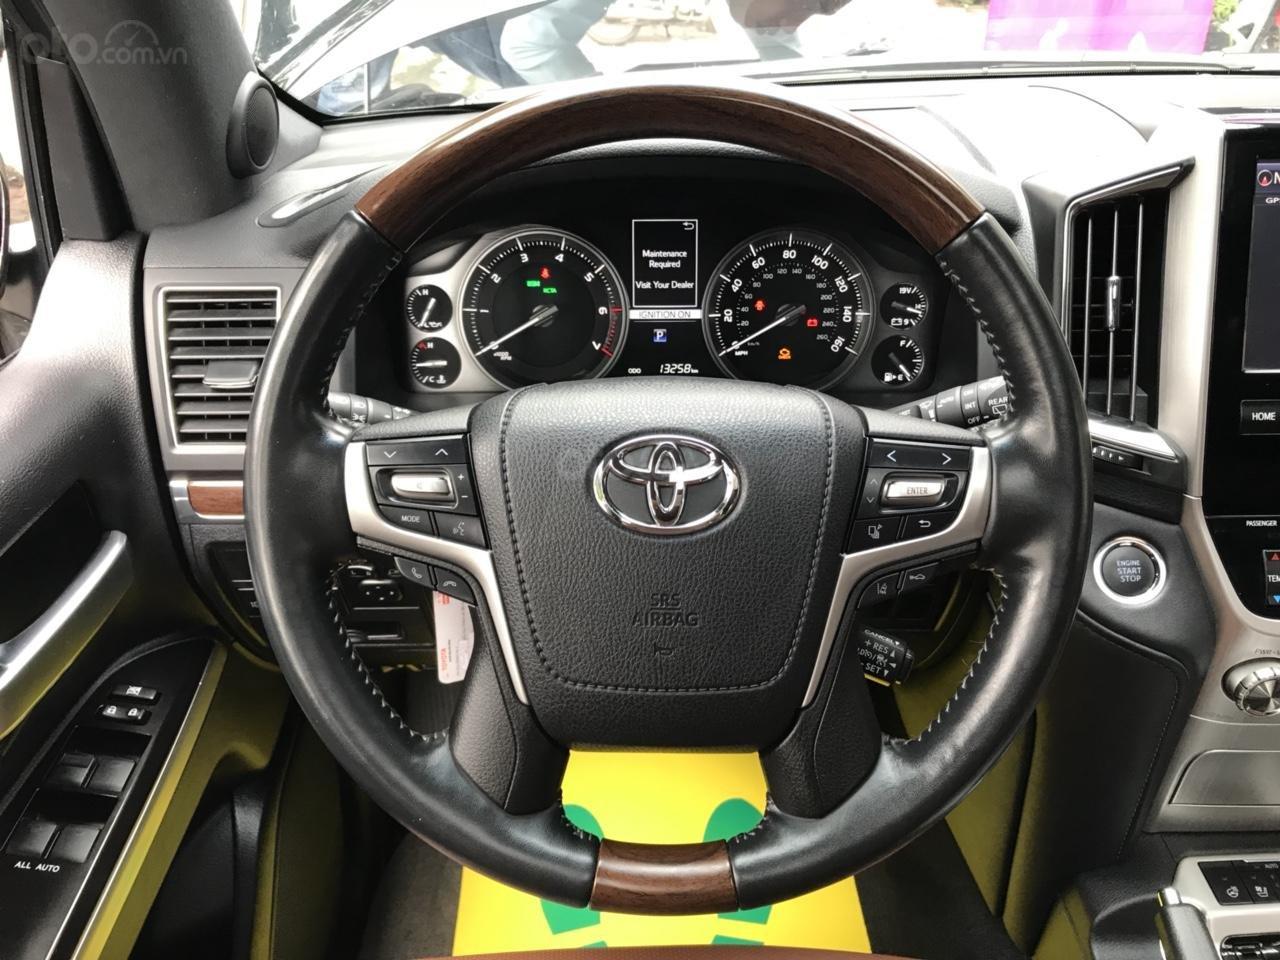 MT Auto bán Toyota Land Cruiser V8 5.7 SX 2016, xe mới 100% màu đen, xe nhập Mỹ nguyên chiếc - LH em Hương 0945392468-18